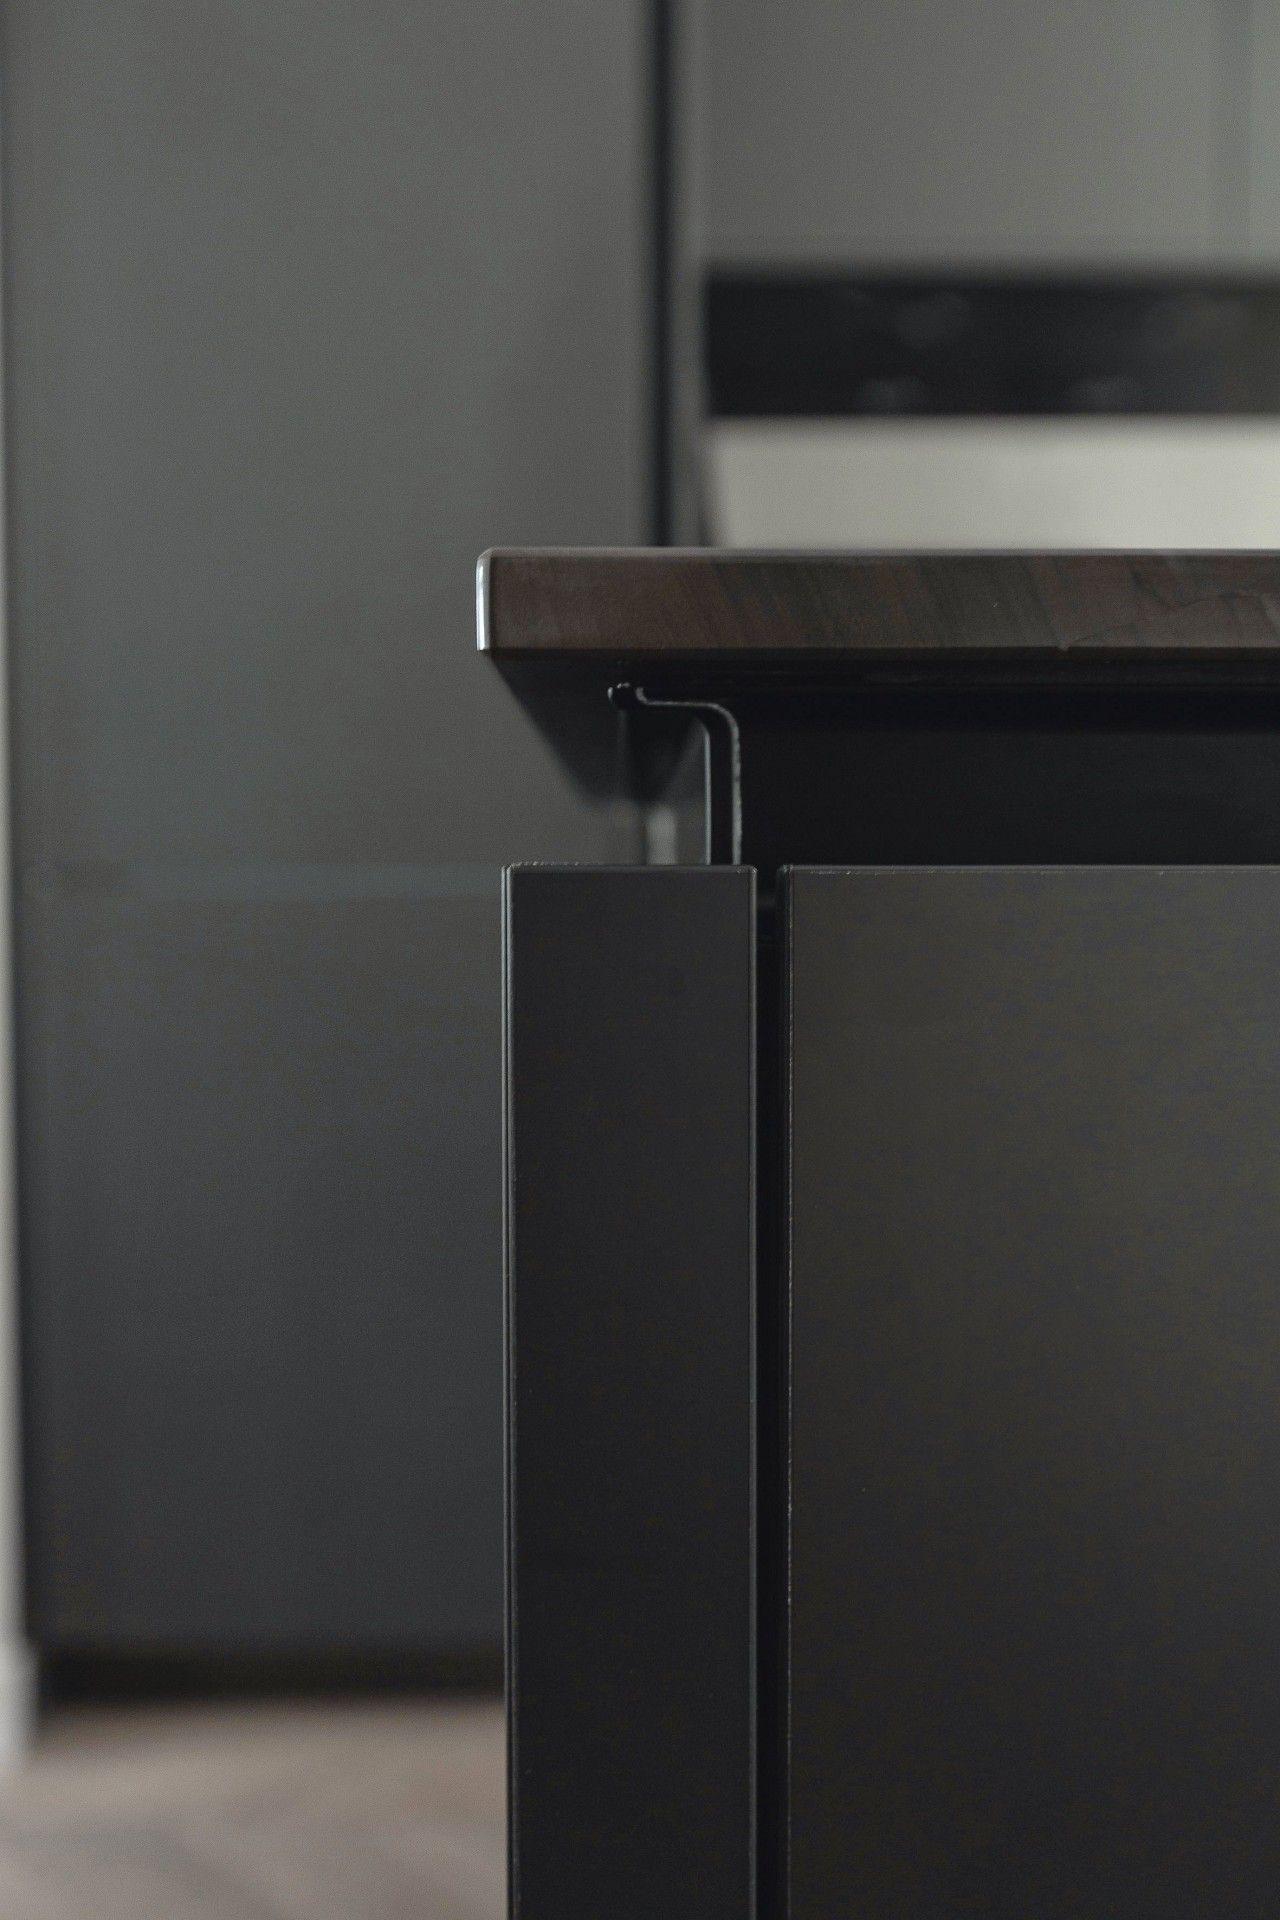 SieMatic Pure S2 Kochinsel in grau mit integrierter, ergonomisch ...